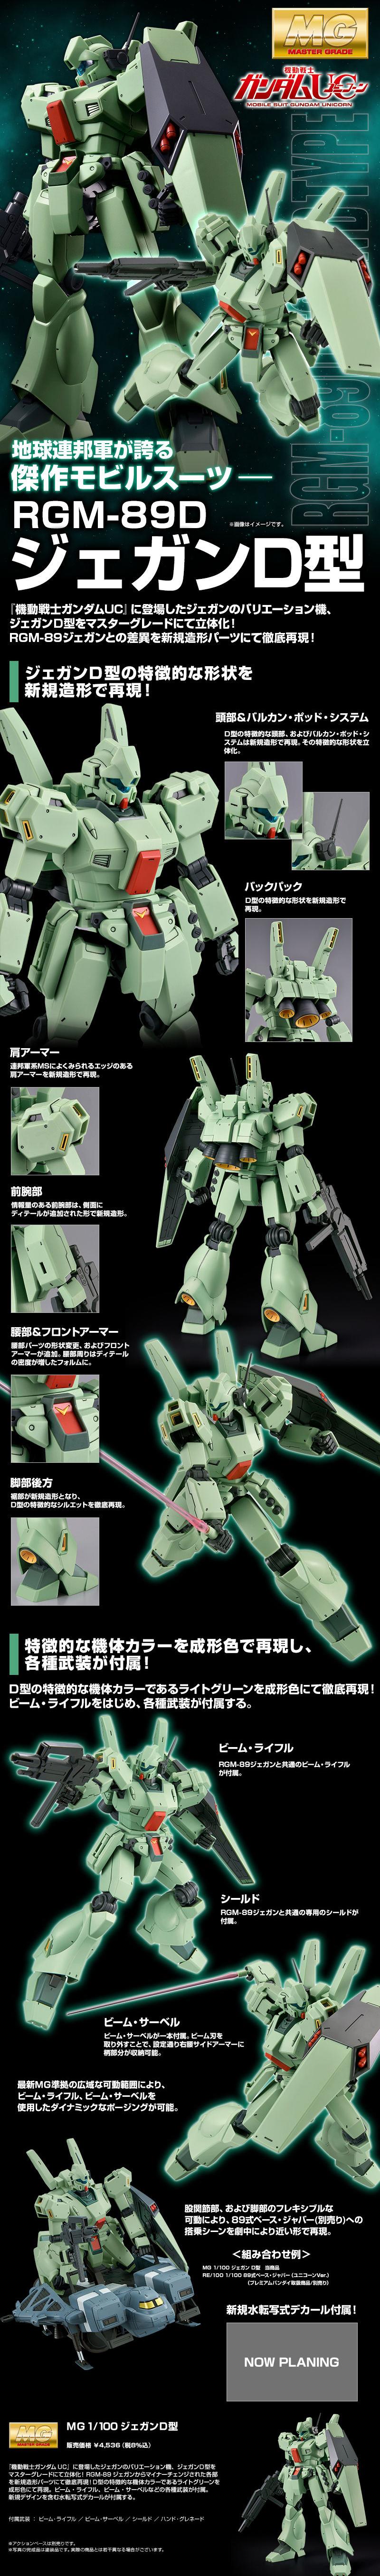 MG 1/100 RGM-89D ジェガンD型 公式商品説明(画像)